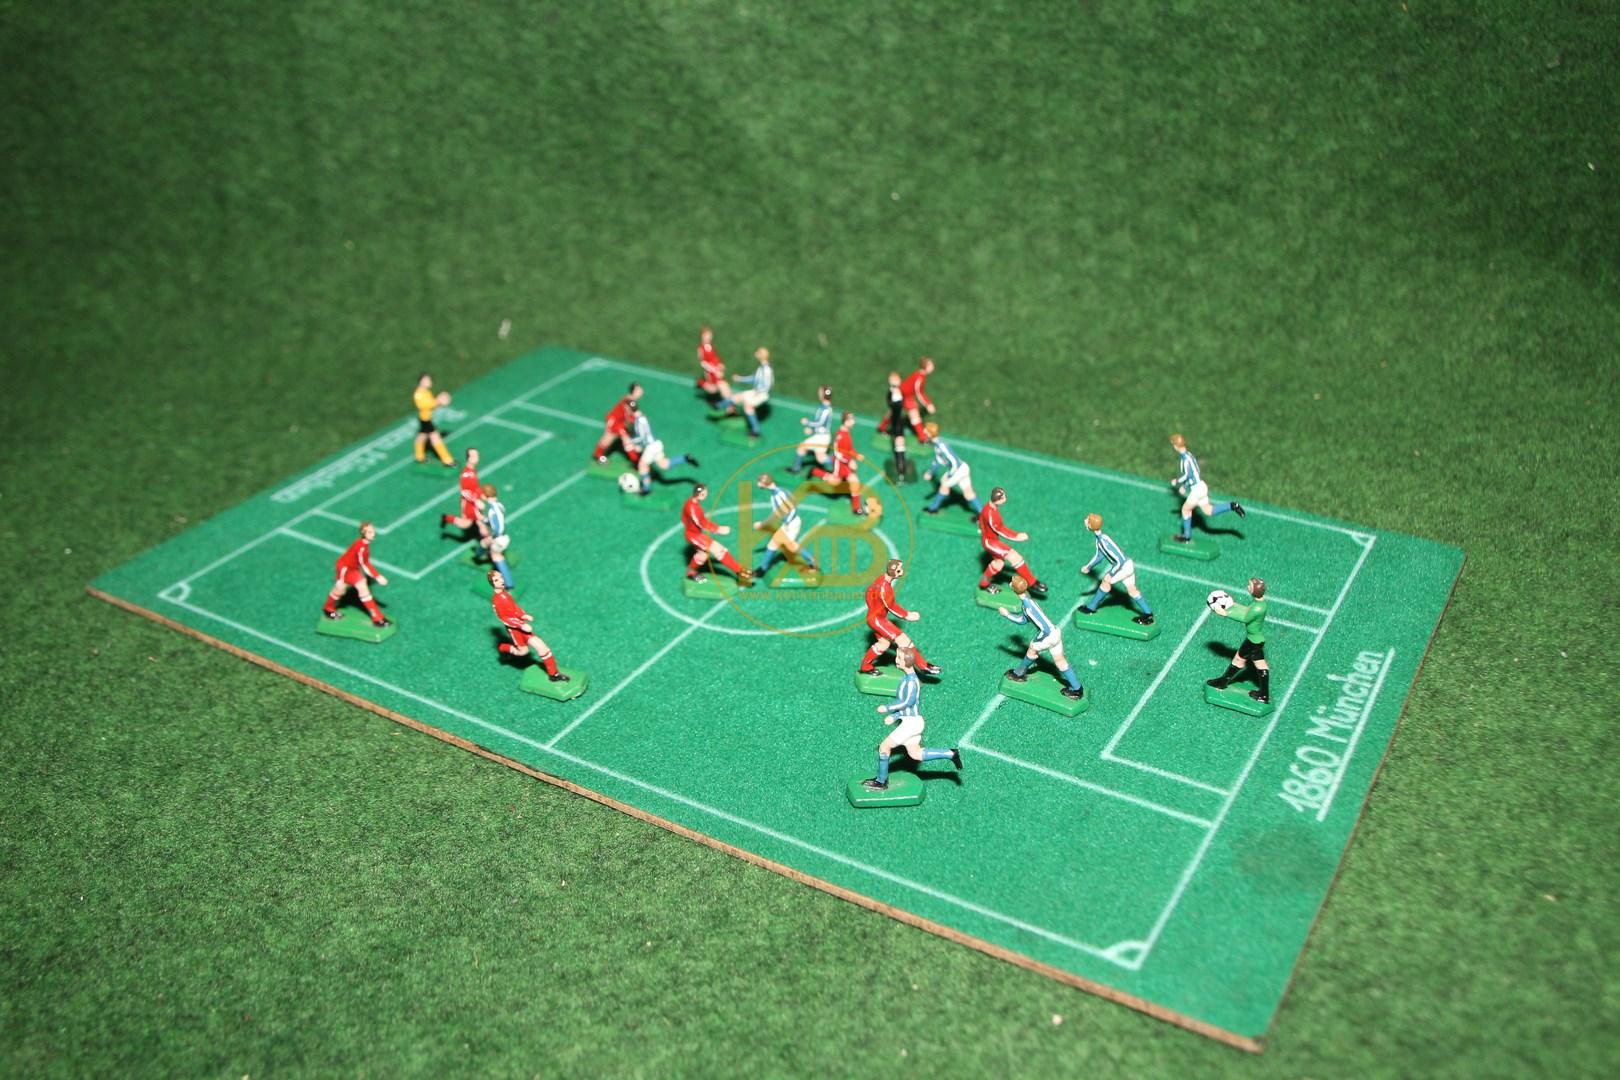 Das Münchener Derby 1860 München gegen Bayern München vermutlich aus den 1960ern.